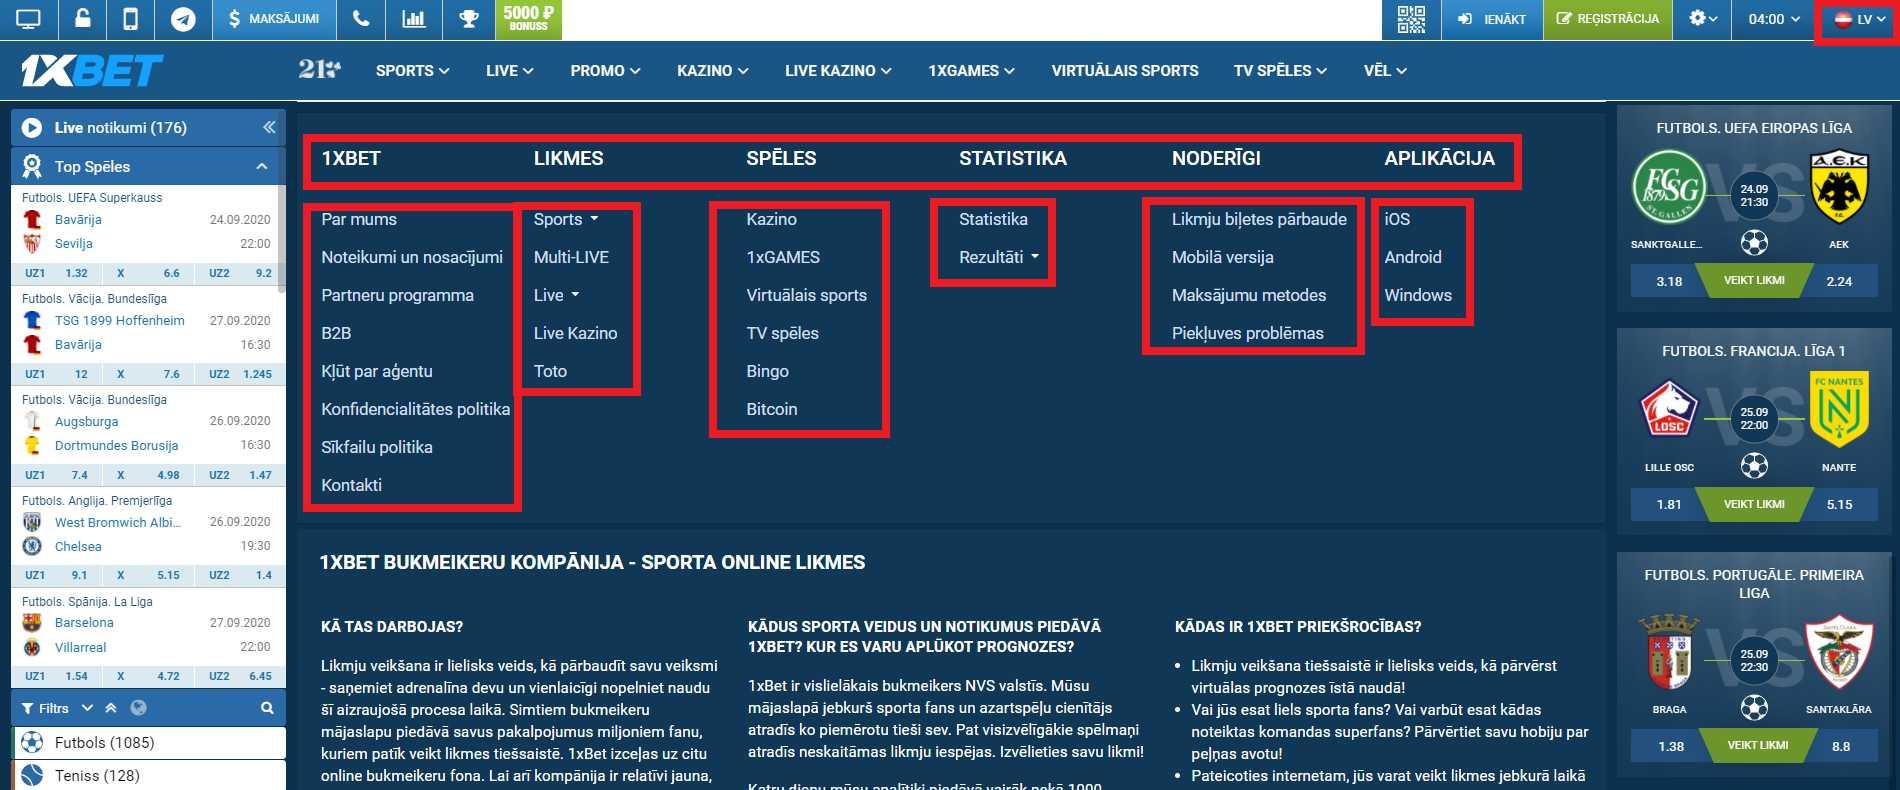 Kiber sporta derības 1xBet Latvija derību uzņēmumā